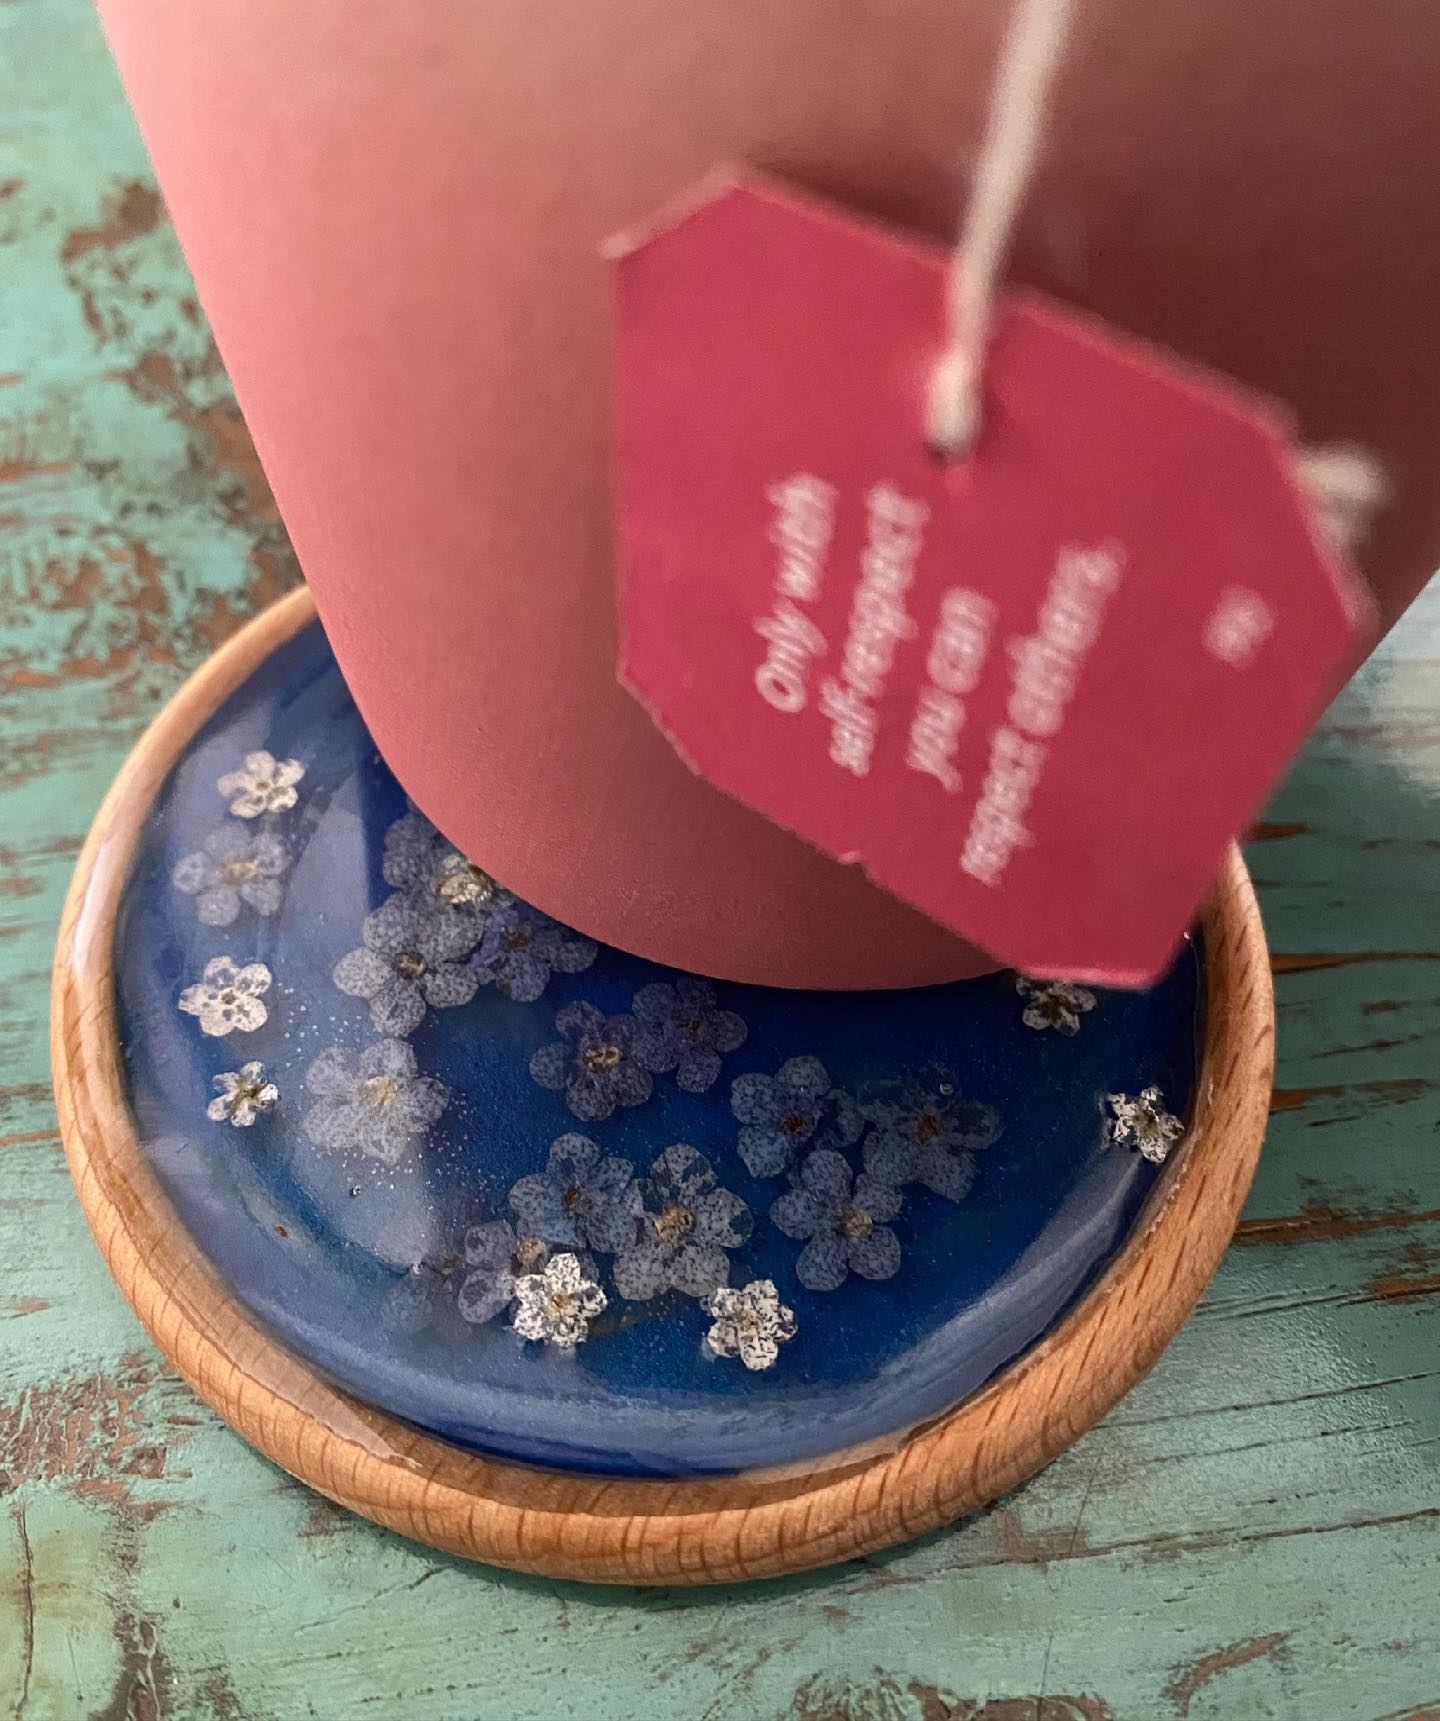 Auto-cadeau :). Je me suis fabriquée deux dessous verre pour poser mes tasses de thé brûlantes et éviter de (re)niquer ma table en bois. J'ai profité de la fabrication de mes pendentif en résine pour couler des restes dans des morceaux de bois. J'ai mis des fleurs séchées dans l'un et fait des petits motifs dans l'autre. Je suis bien bien contente de les avoir. #resinepoxy #resineepoxy